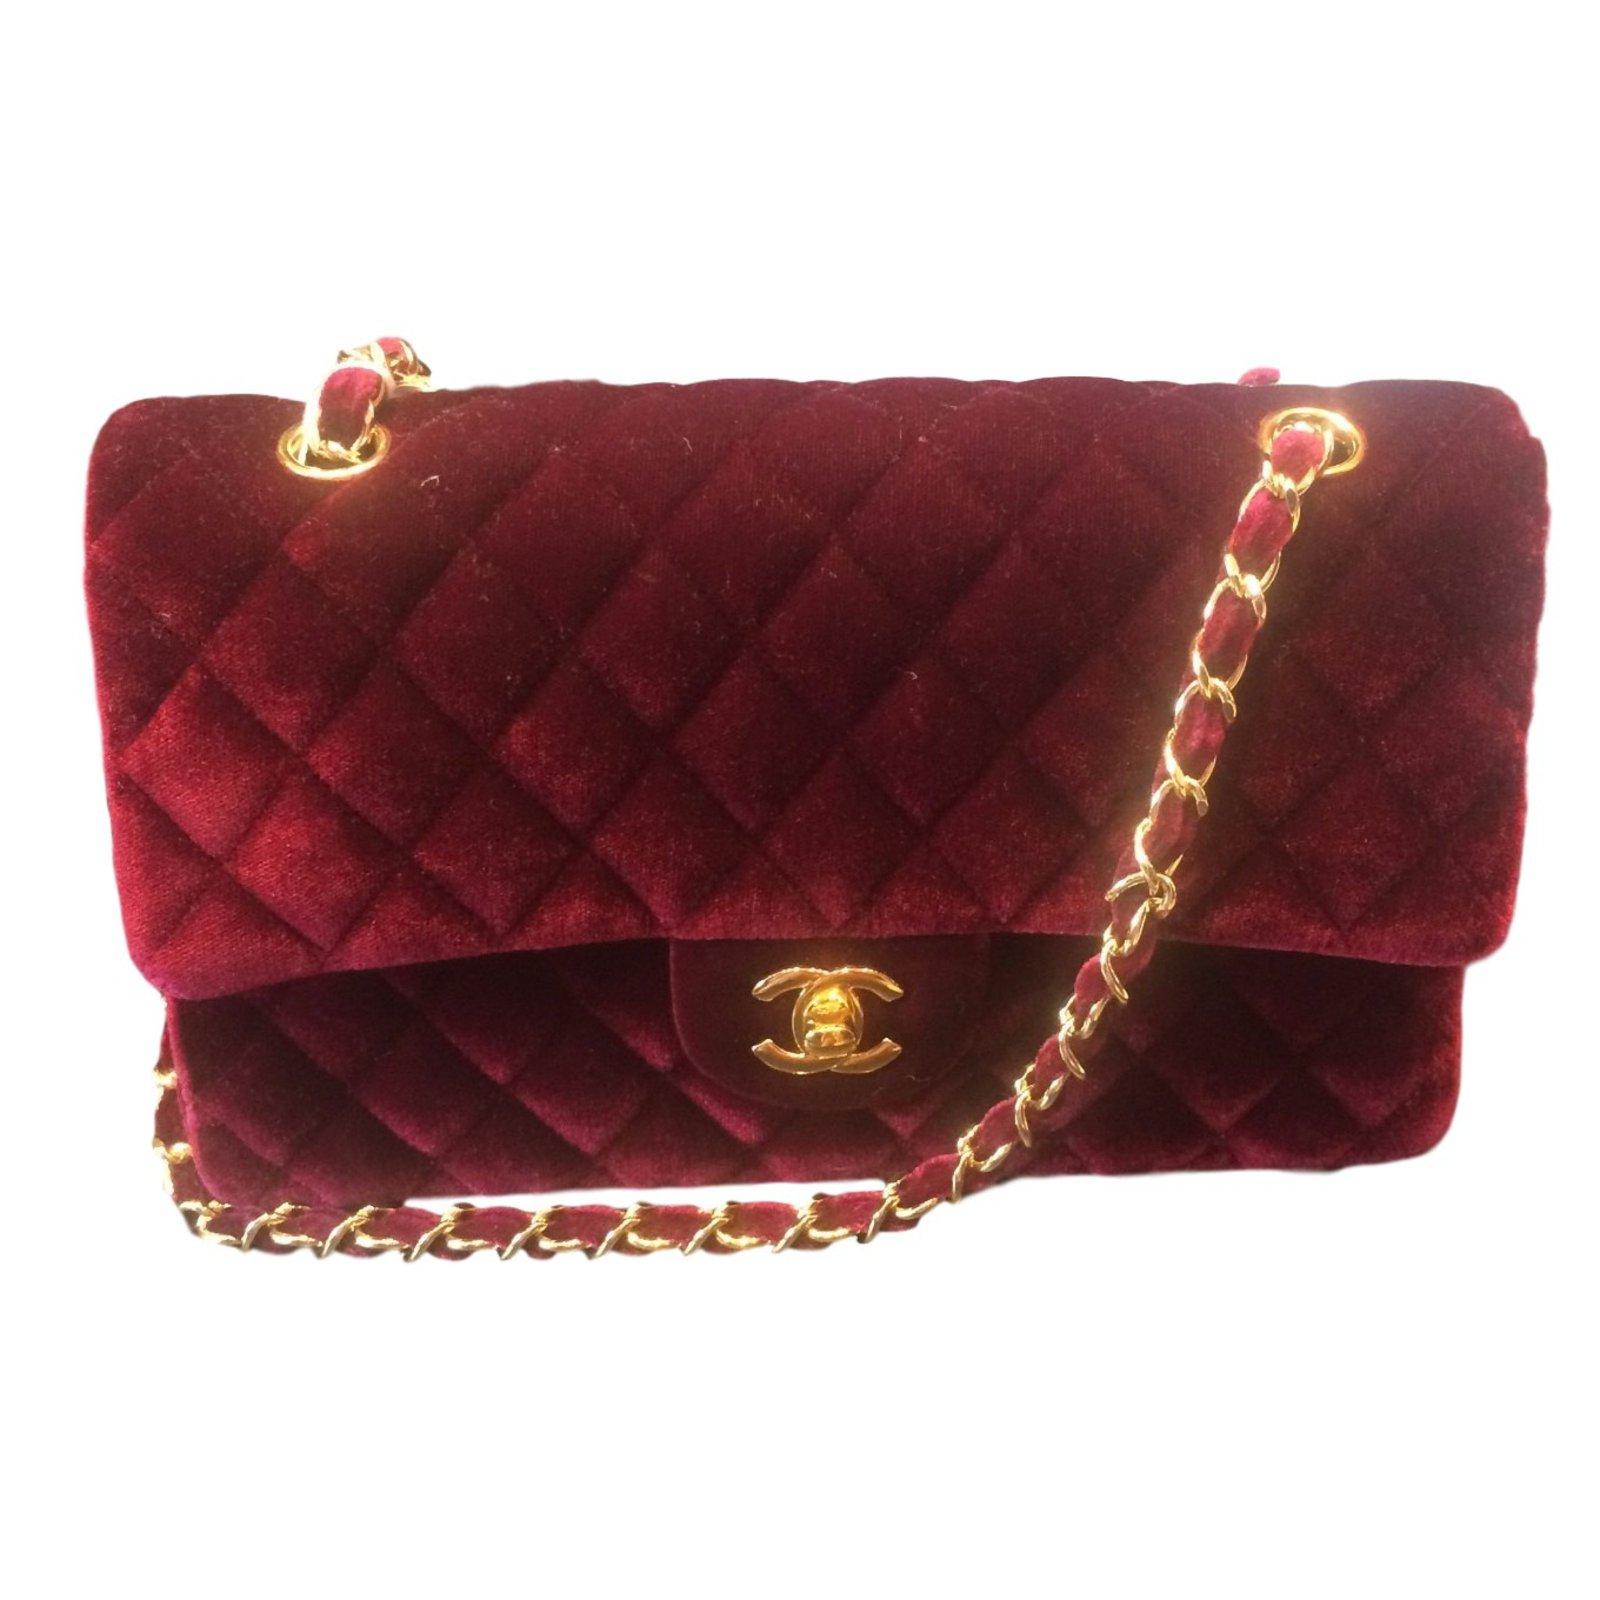 e4f30c0f8 Chanel Timeless velvet bordeaux Handbags Velvet Dark red ref.20390 ...